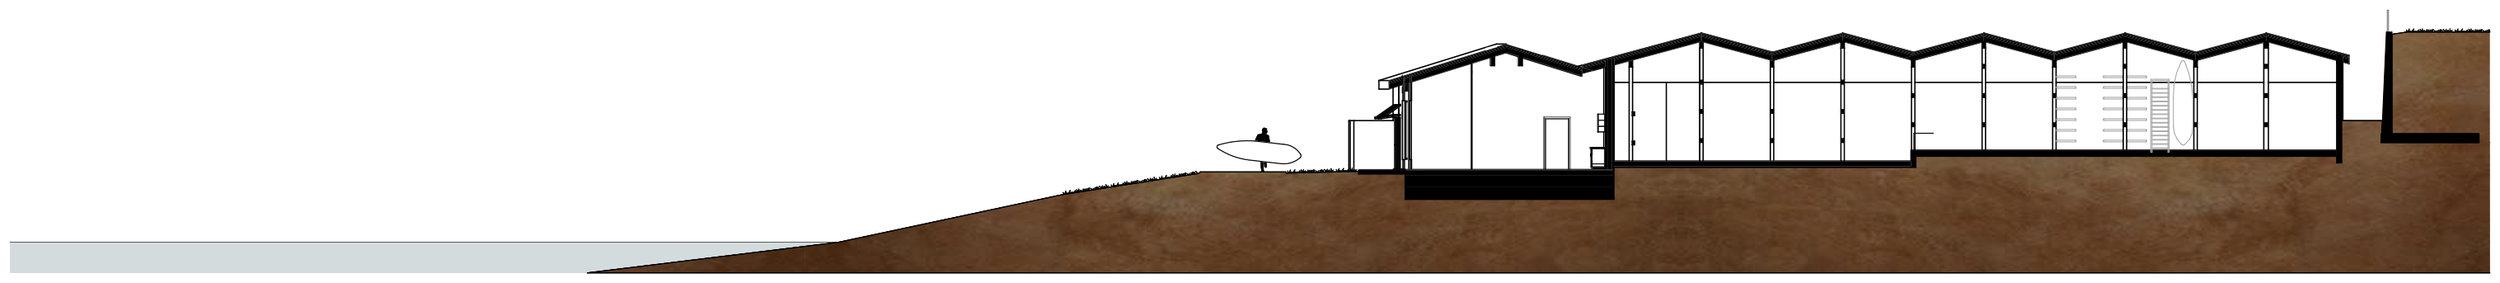 Lysaker brettseilerklubb_Planforum arkitekter_Snitt.jpg